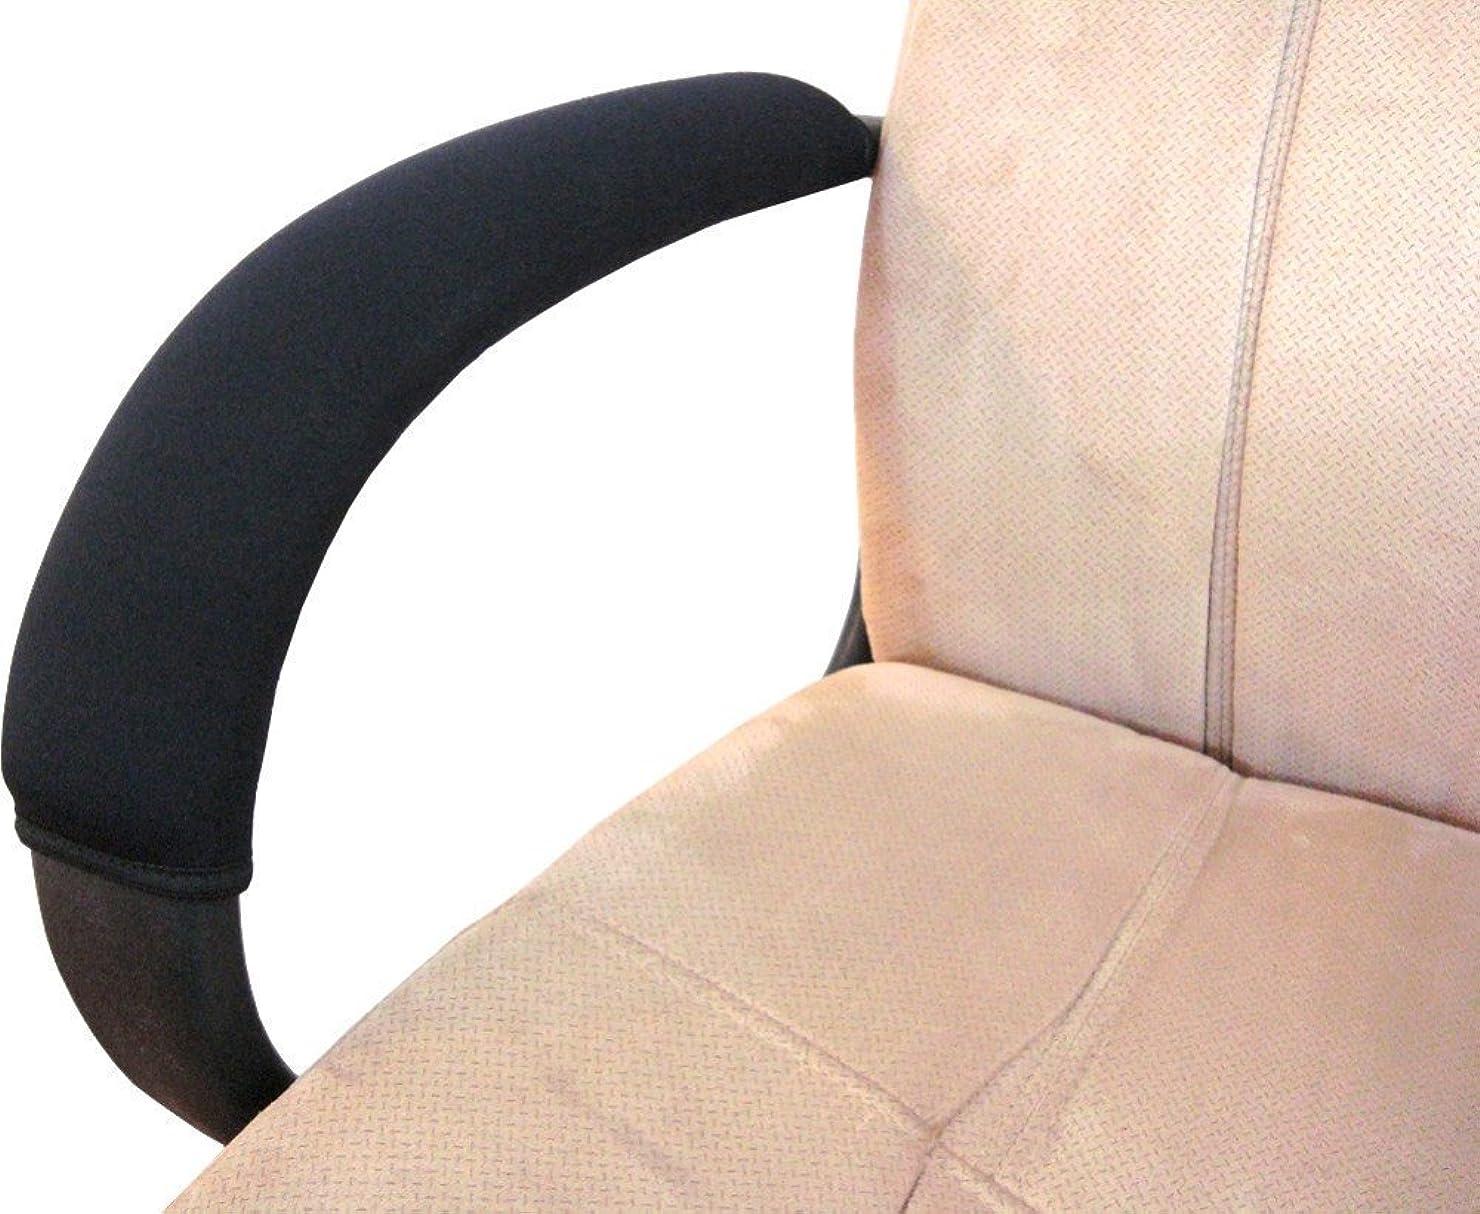 スケッチ美徳公爵夫人VIEEL 2枚入りひじ掛けクッション 肘置き 低反発 腕痛対策 オフィスチェア?車椅子用 ブラック 開く 37×26×0.5cm